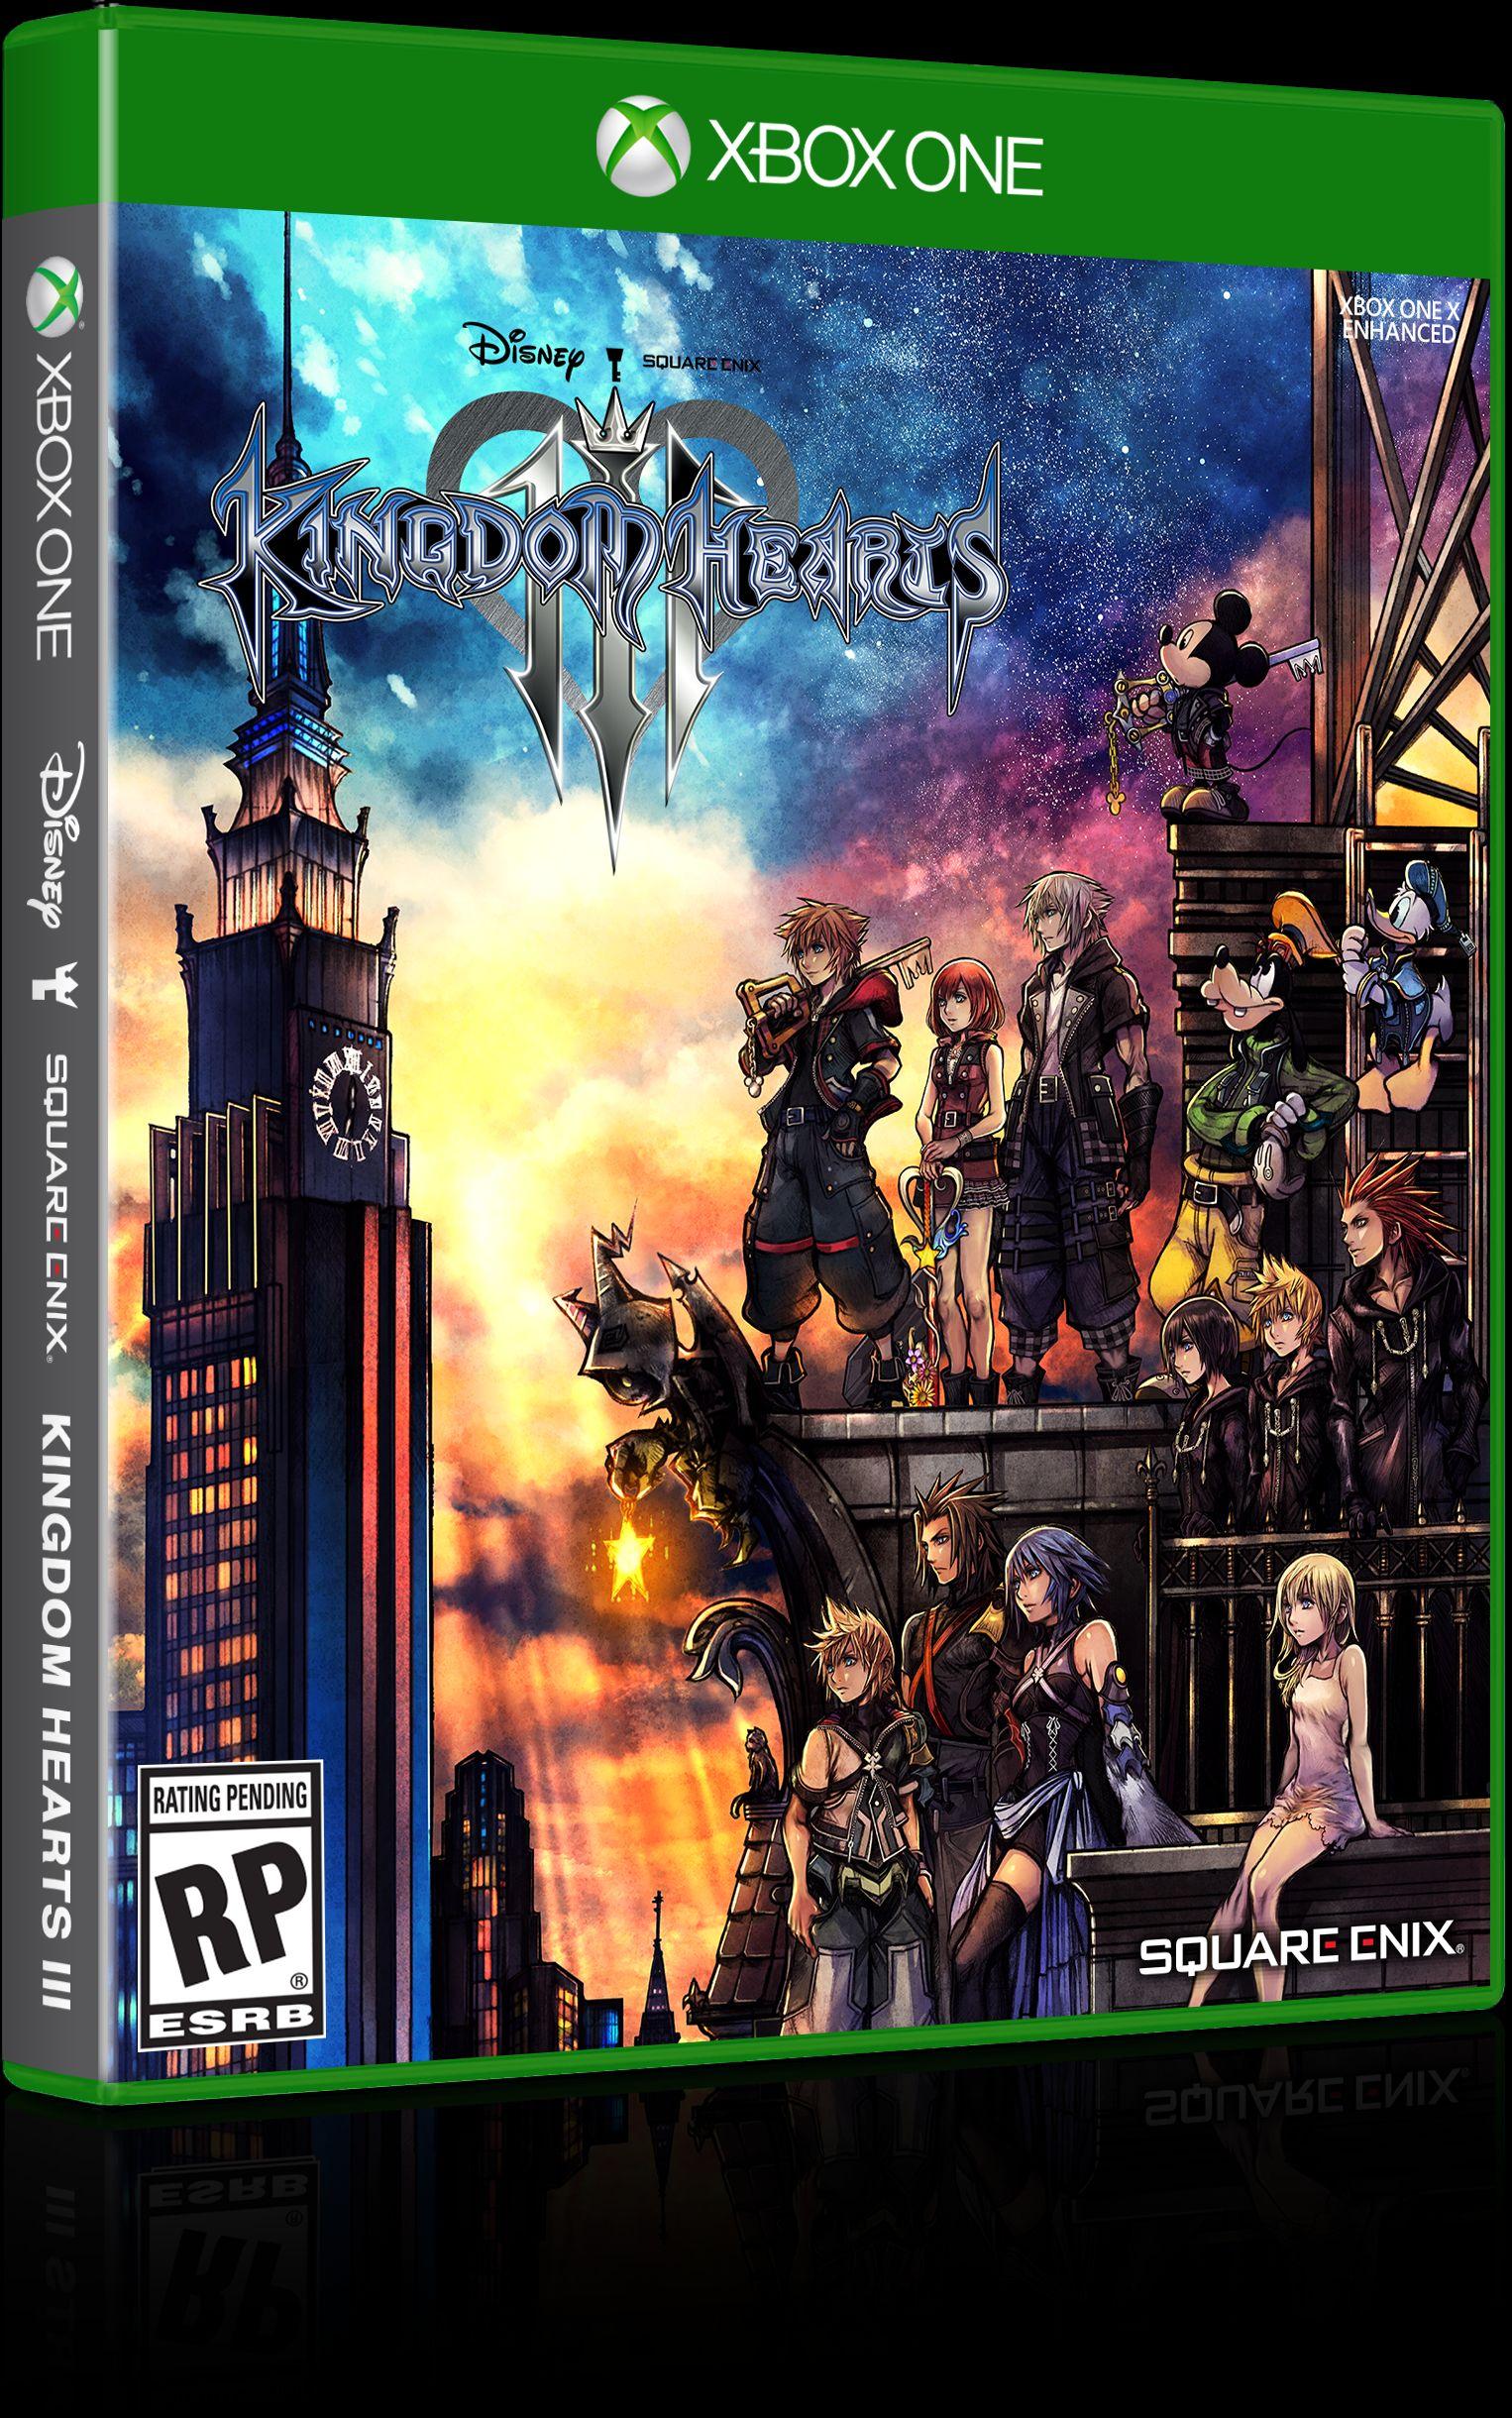 众角色汇聚一堂 《王国之心3》各版本封面图欣赏